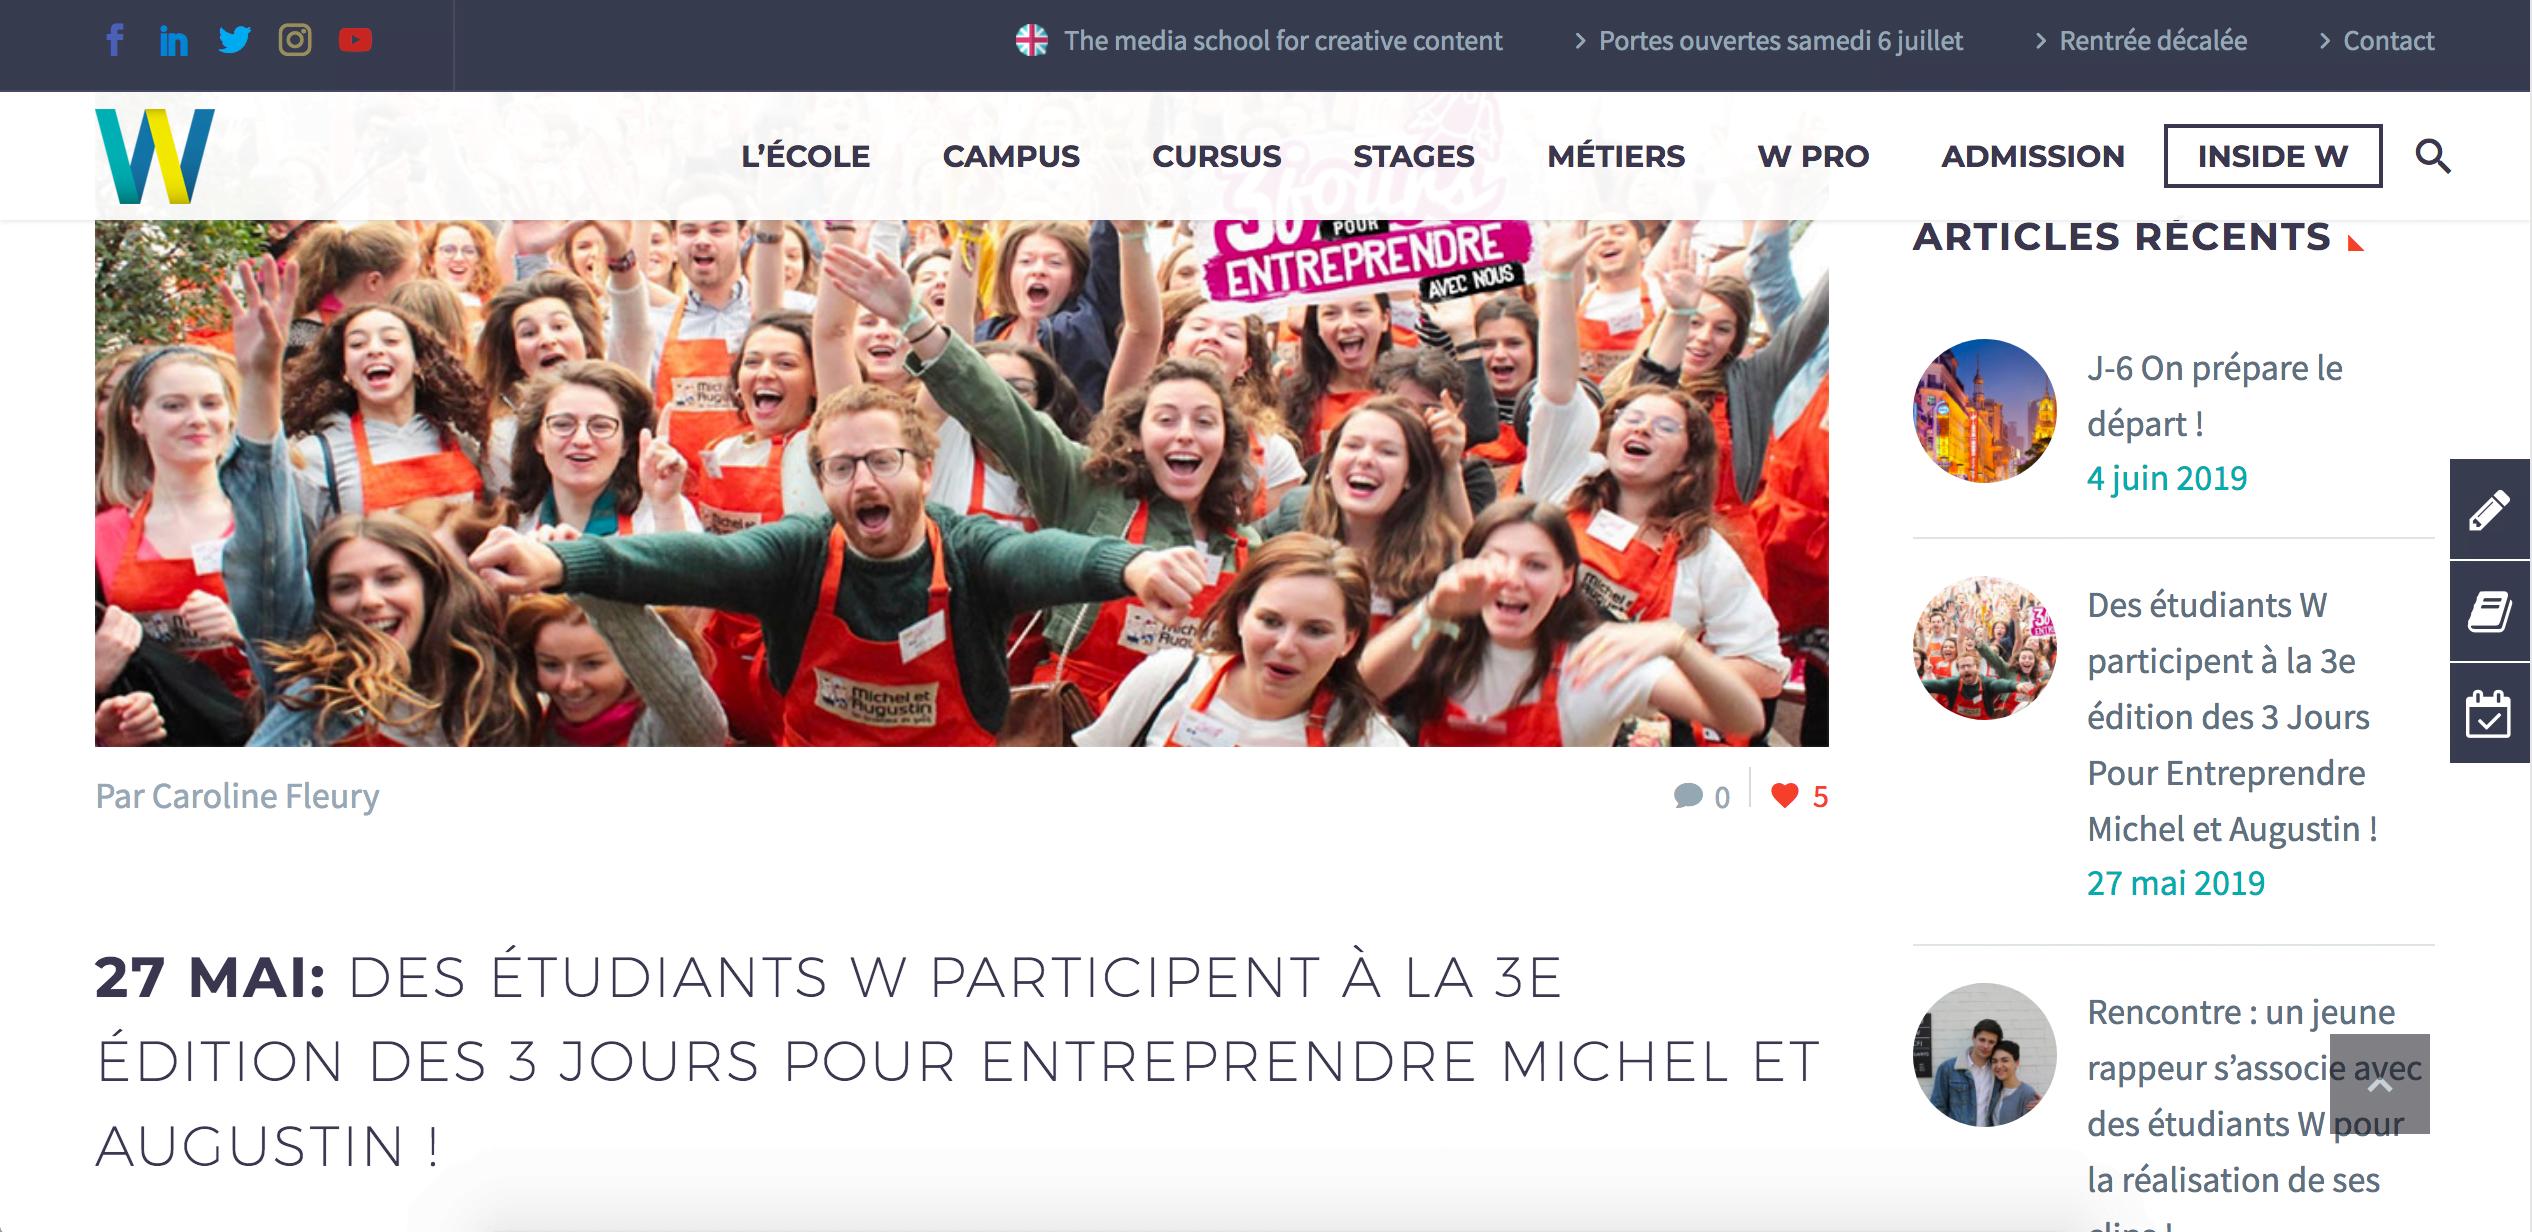 Le blog de l'École W